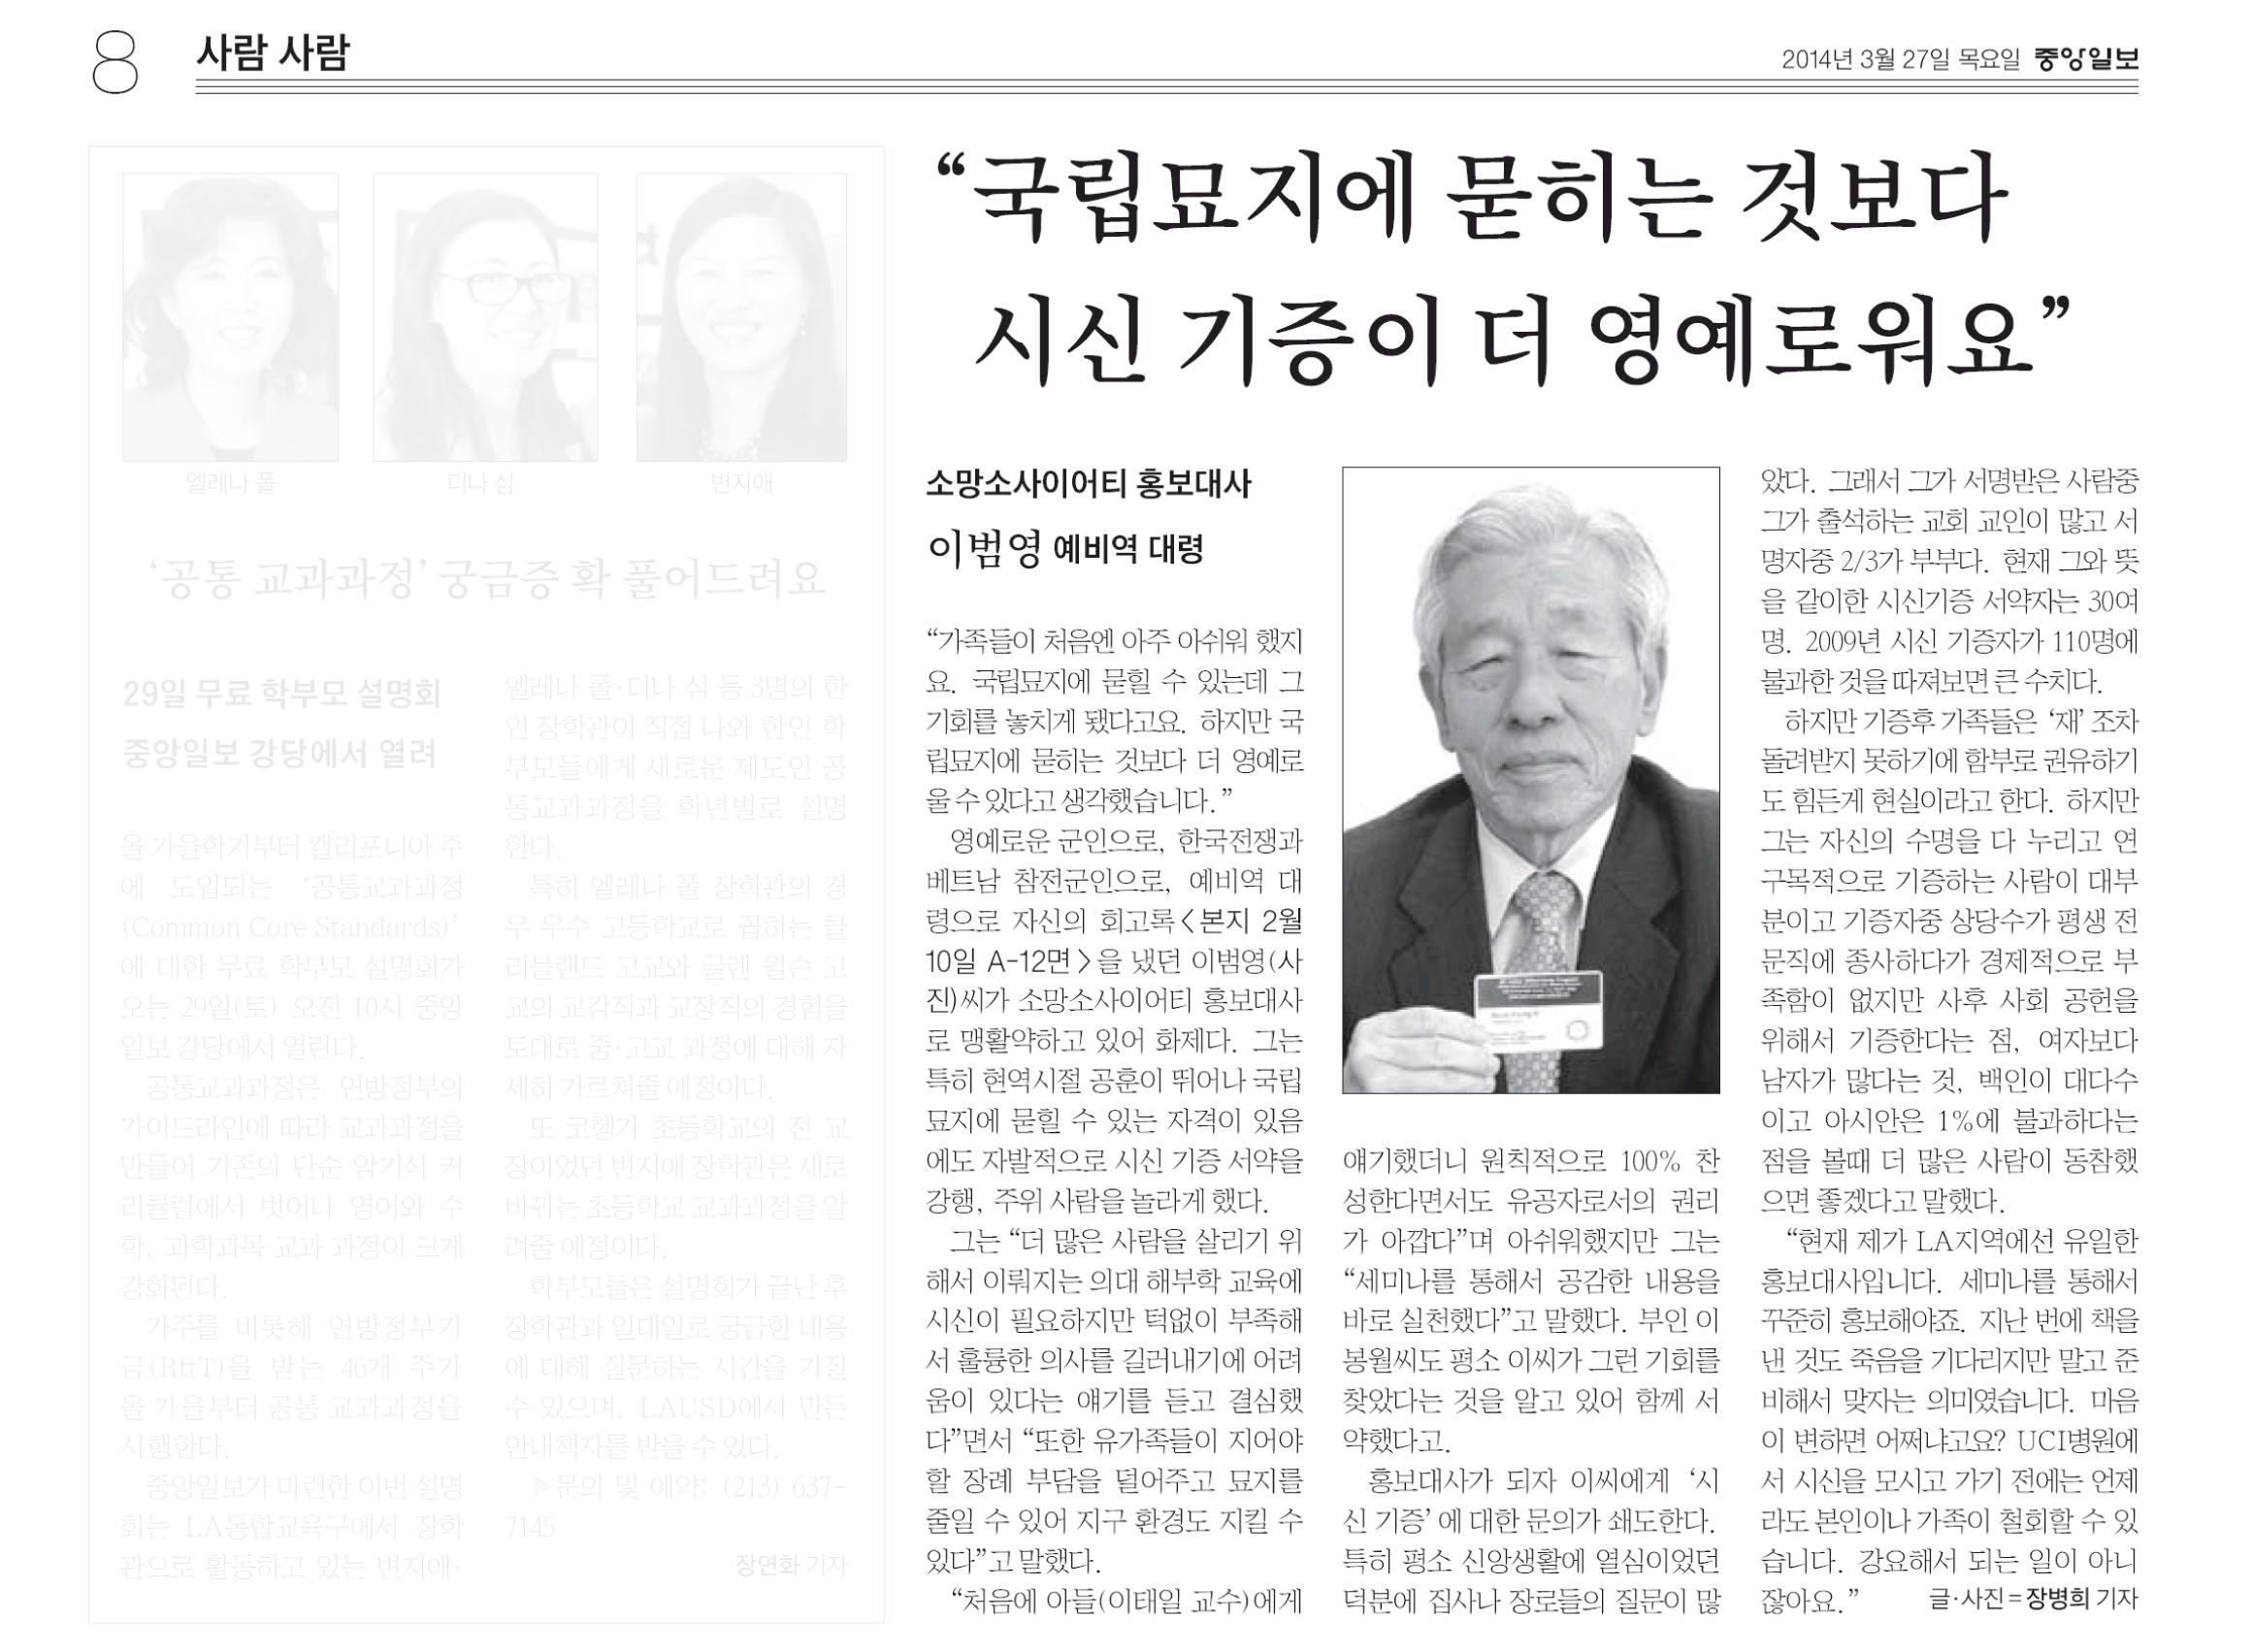 """""""국립묘지에 묻히는 것보다 시신 기증이 더 영예로워요"""" 2014년 3월 27일 중앙일보"""